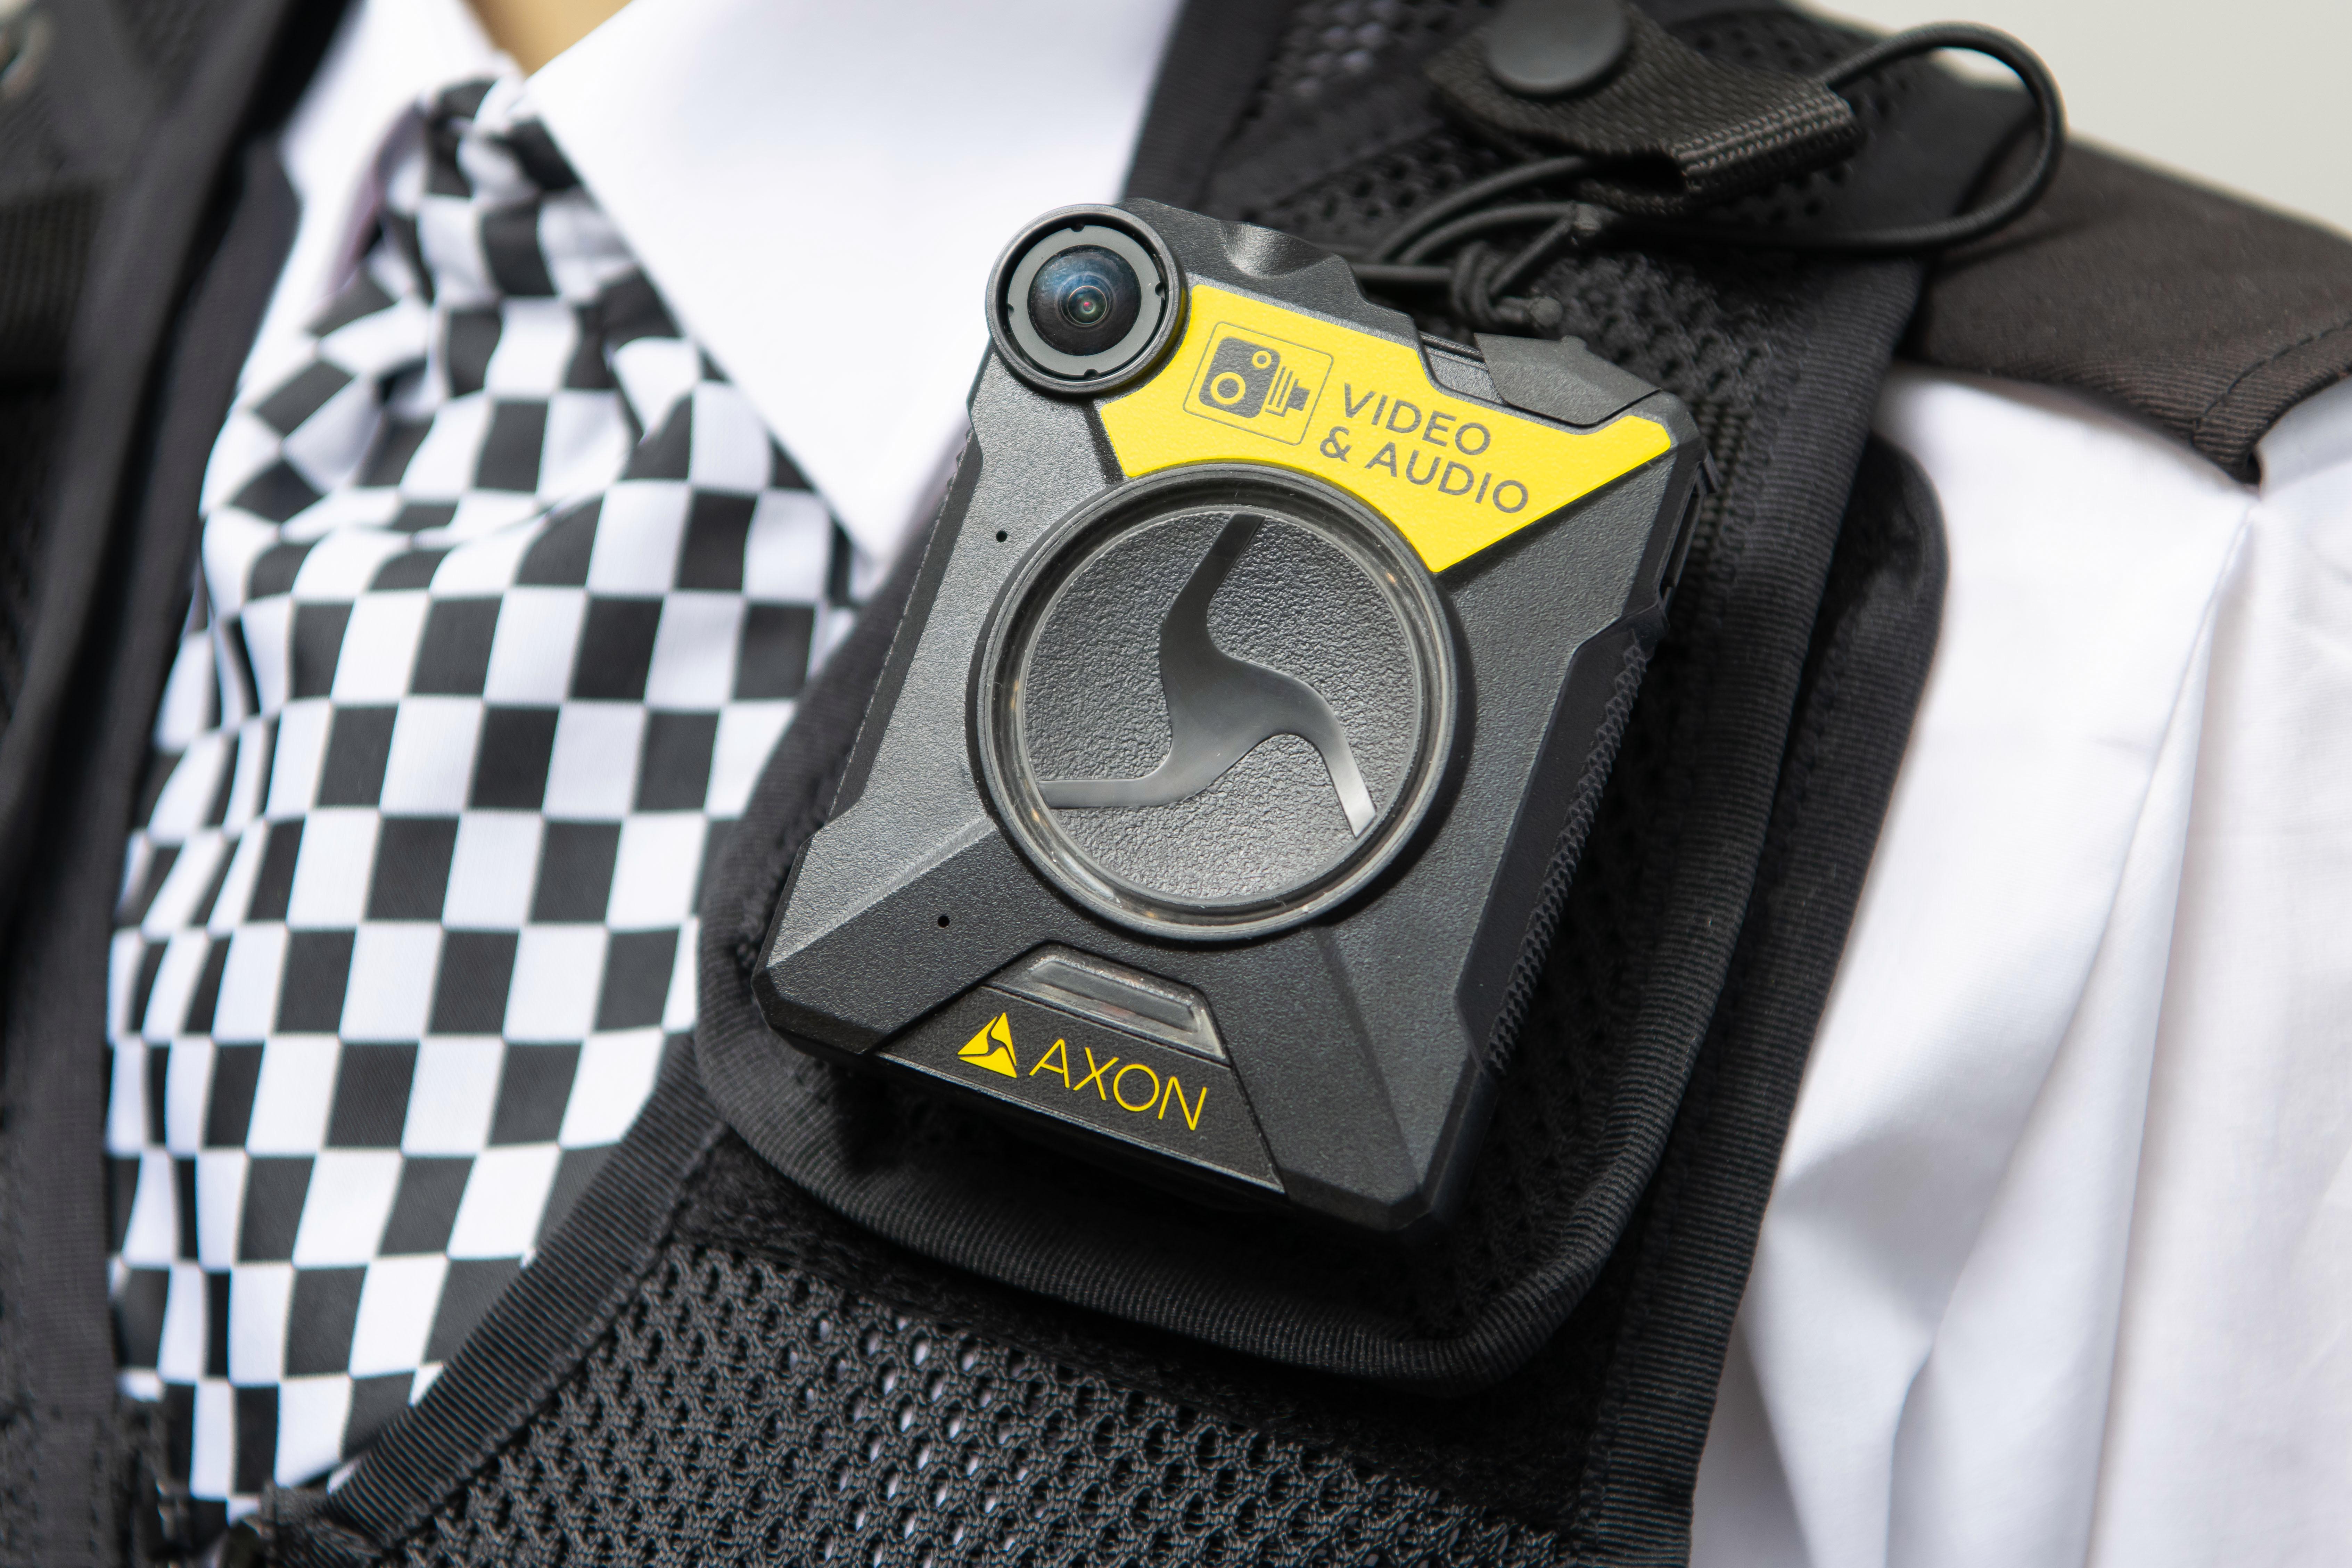 التقى الشرطة ستتلقى كاميرات الجسم من Facebook لاستخدامها أثناء التدريب على الأسلحة النارية